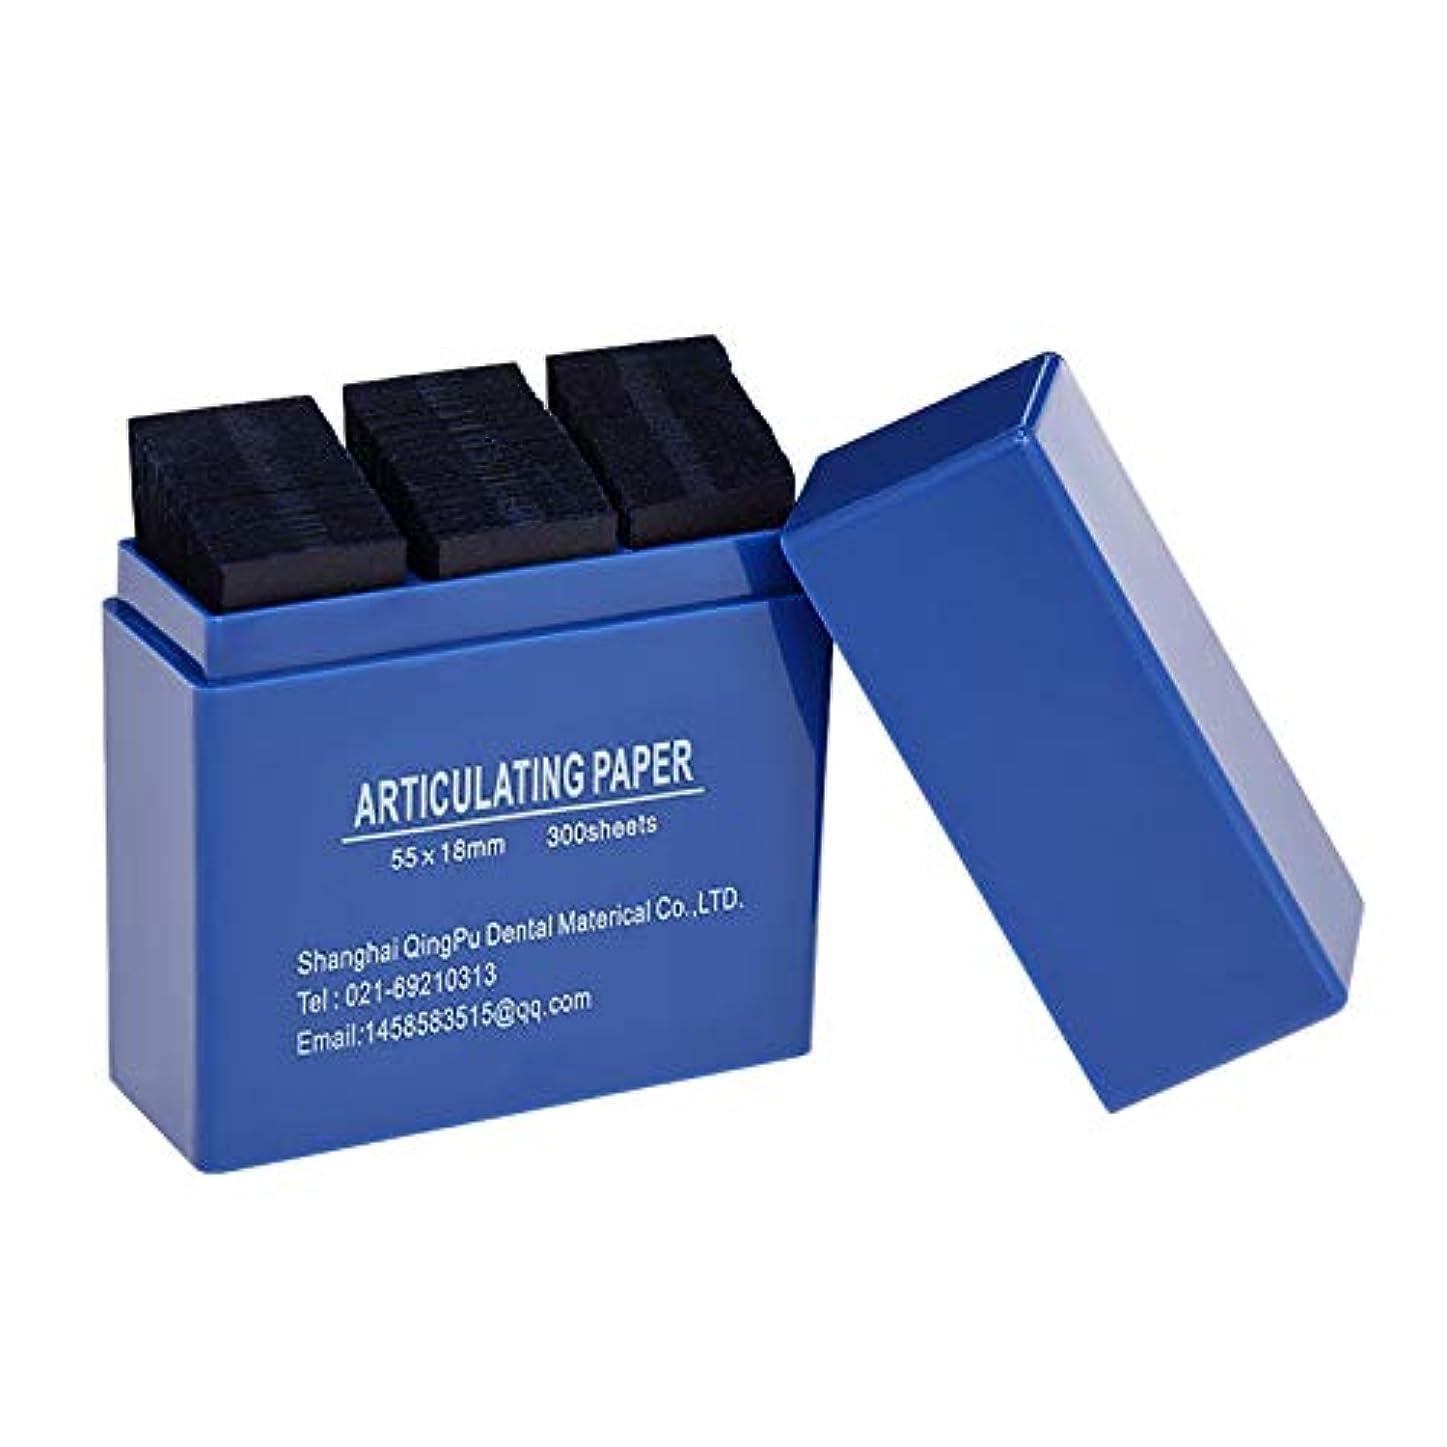 消費する破滅的なアームストロングRaiFu 歯科 関節式 ペーパーストリップ 歯科用 ラボ用 製品ツール 口腔用歯のケア用品 300シート/ボックス ブルー